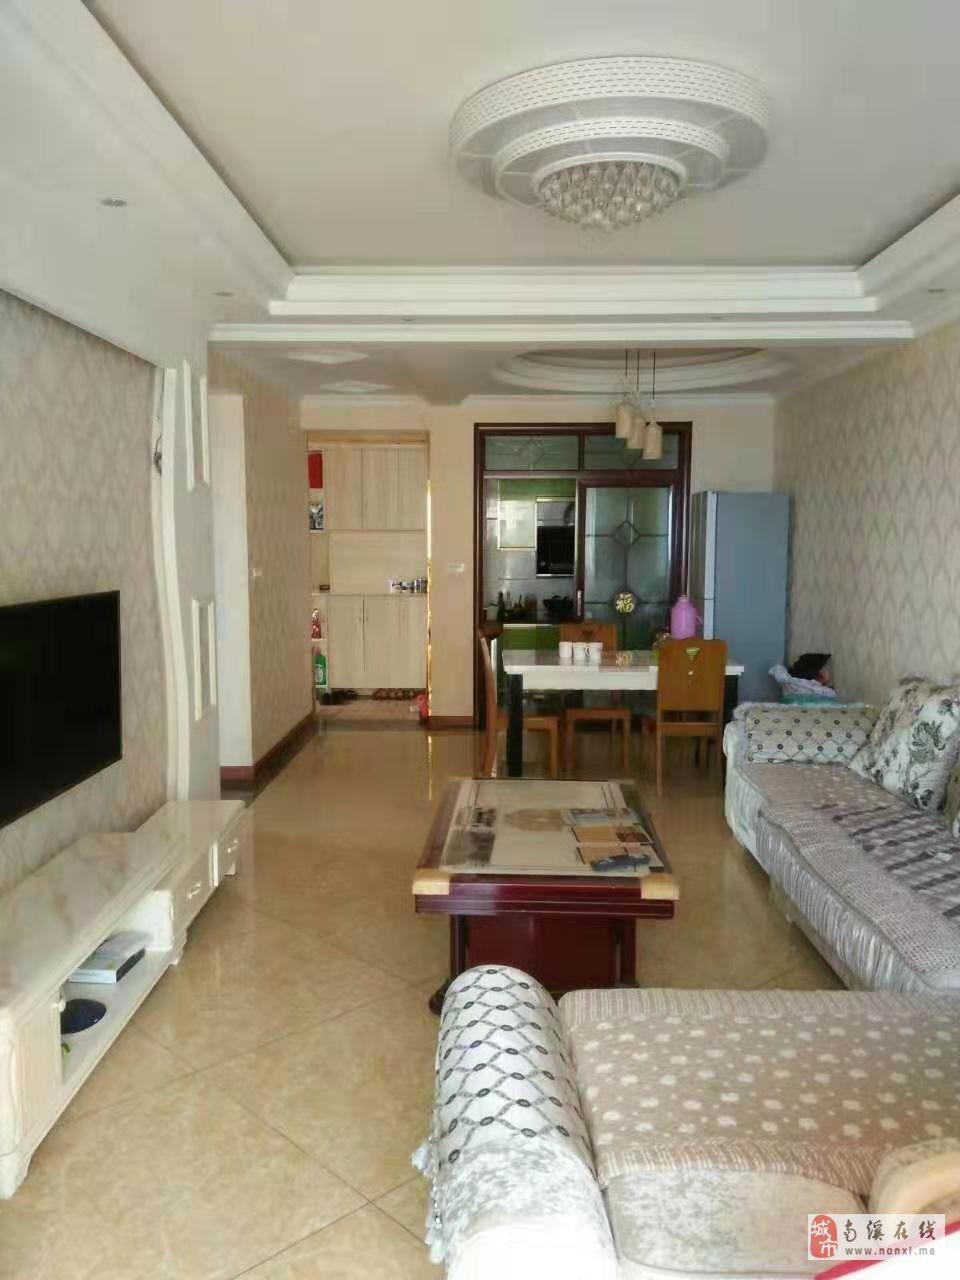 全江景低于市場價江景酈城3室2廳2衛76.8萬元